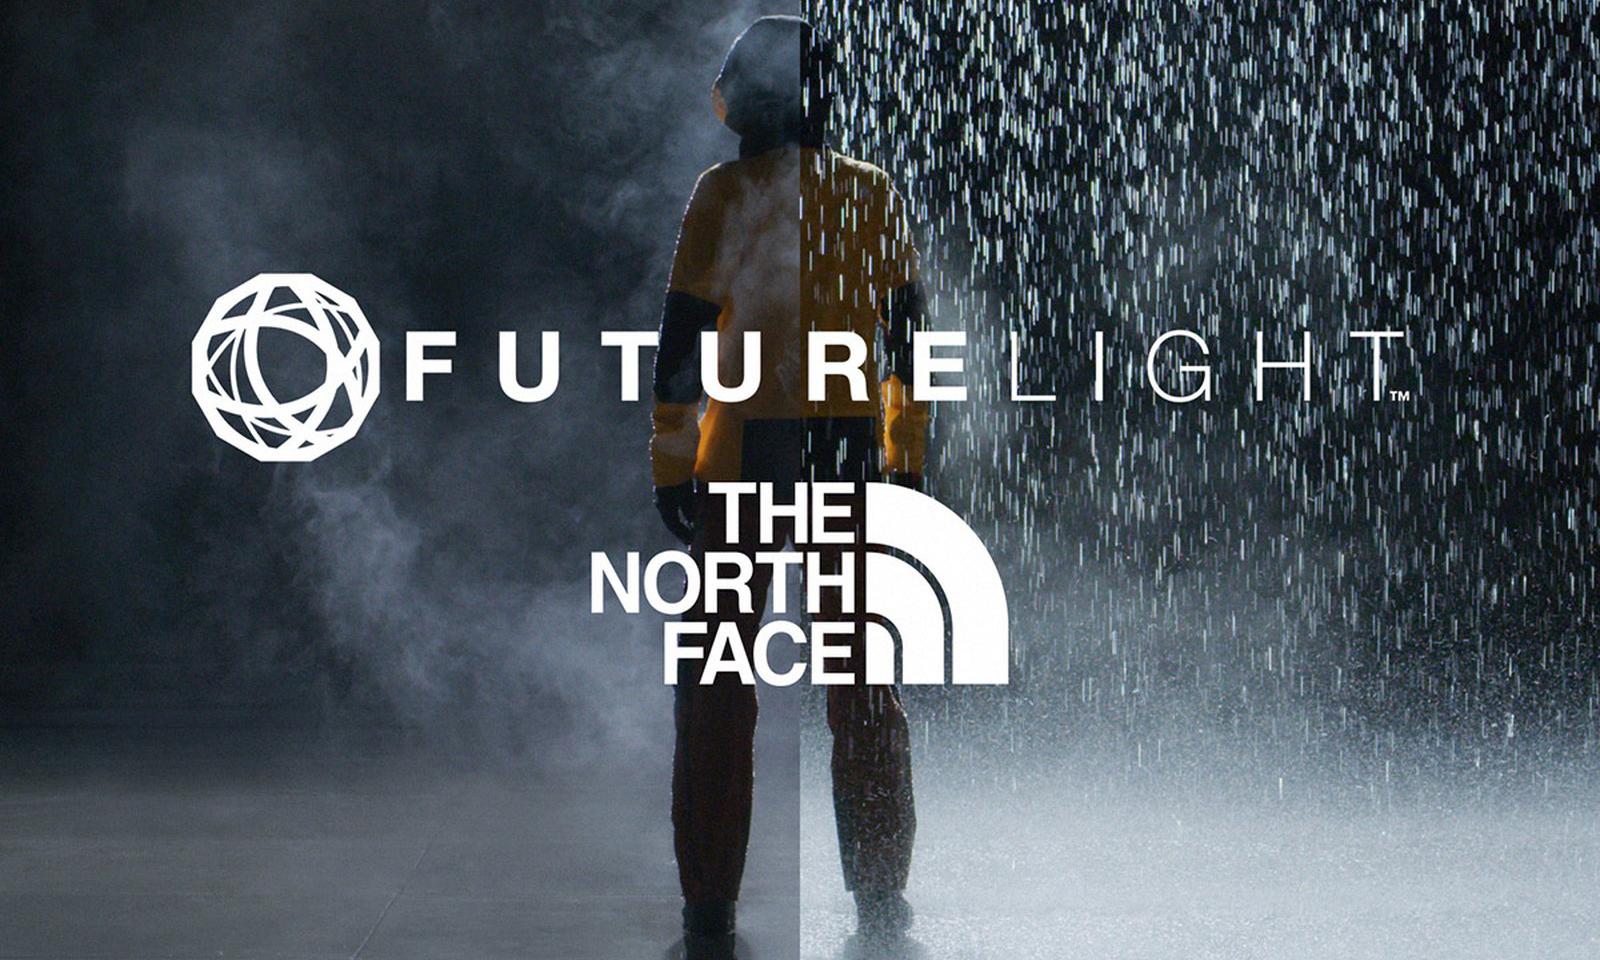 THE NORTH FACE 发布声明,停止使用 Futura 所提及的 FUTURELIGHT 商标